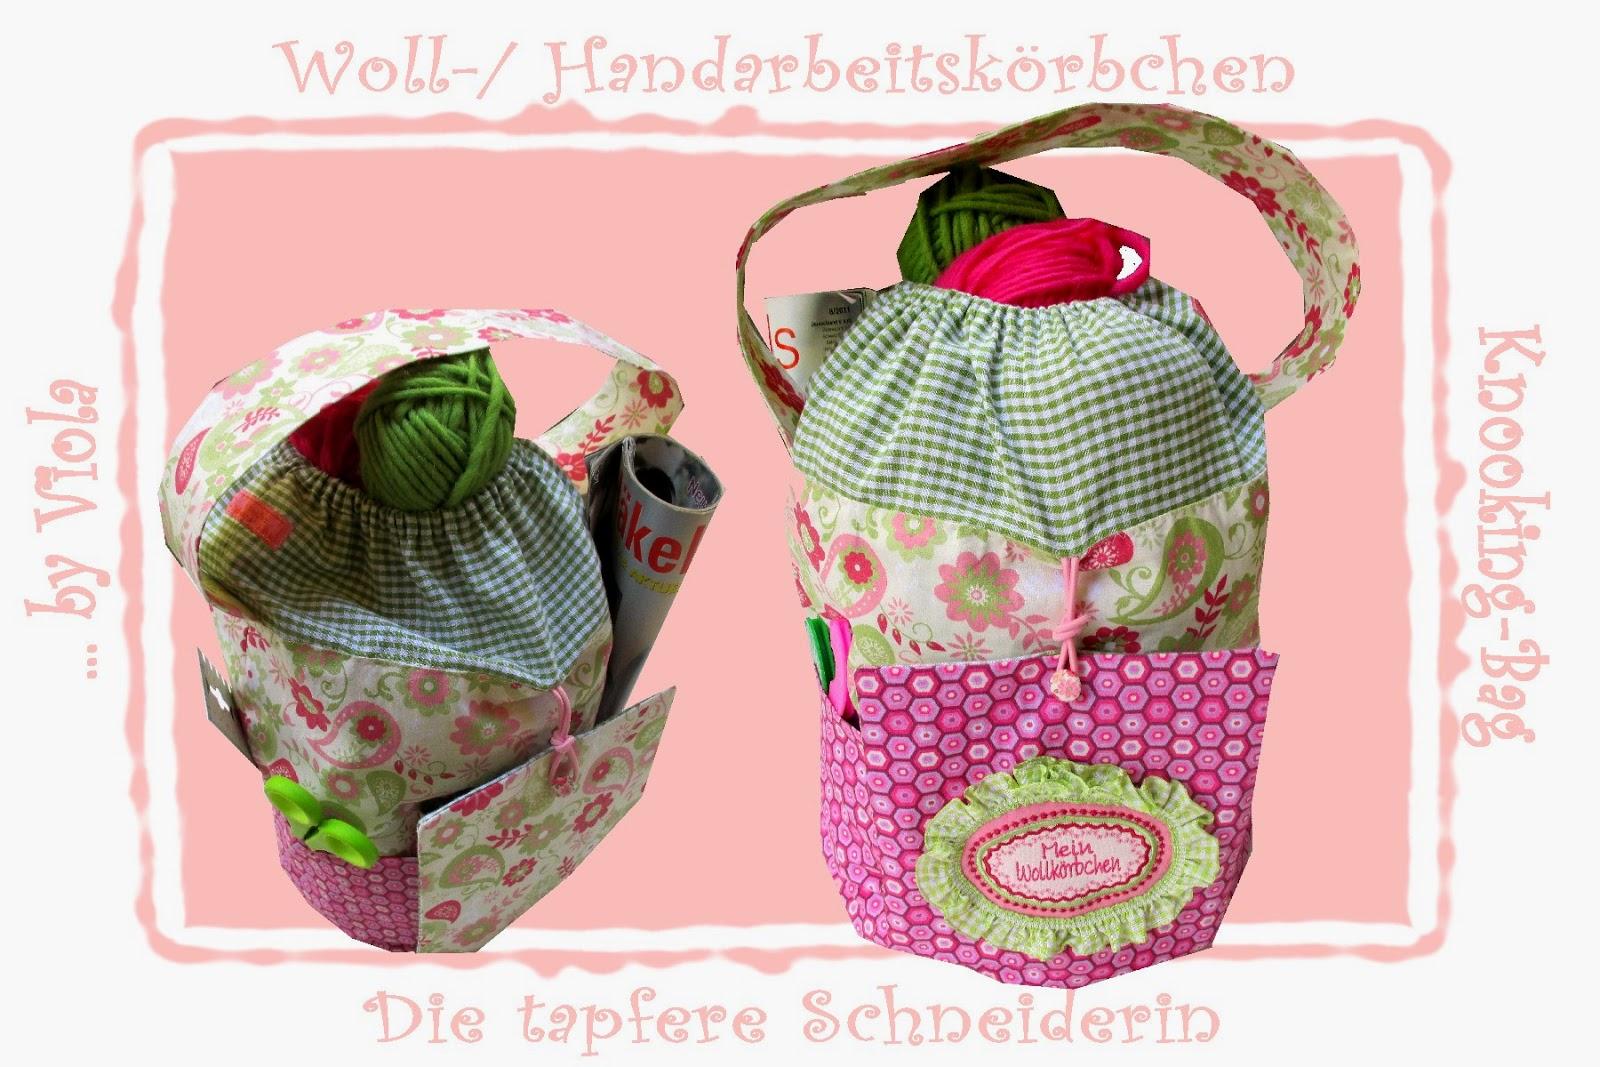 http://de.dawanda.com/product/69335155-Handarbeitskorb-Wollkoerbchen-Knooking-Bag